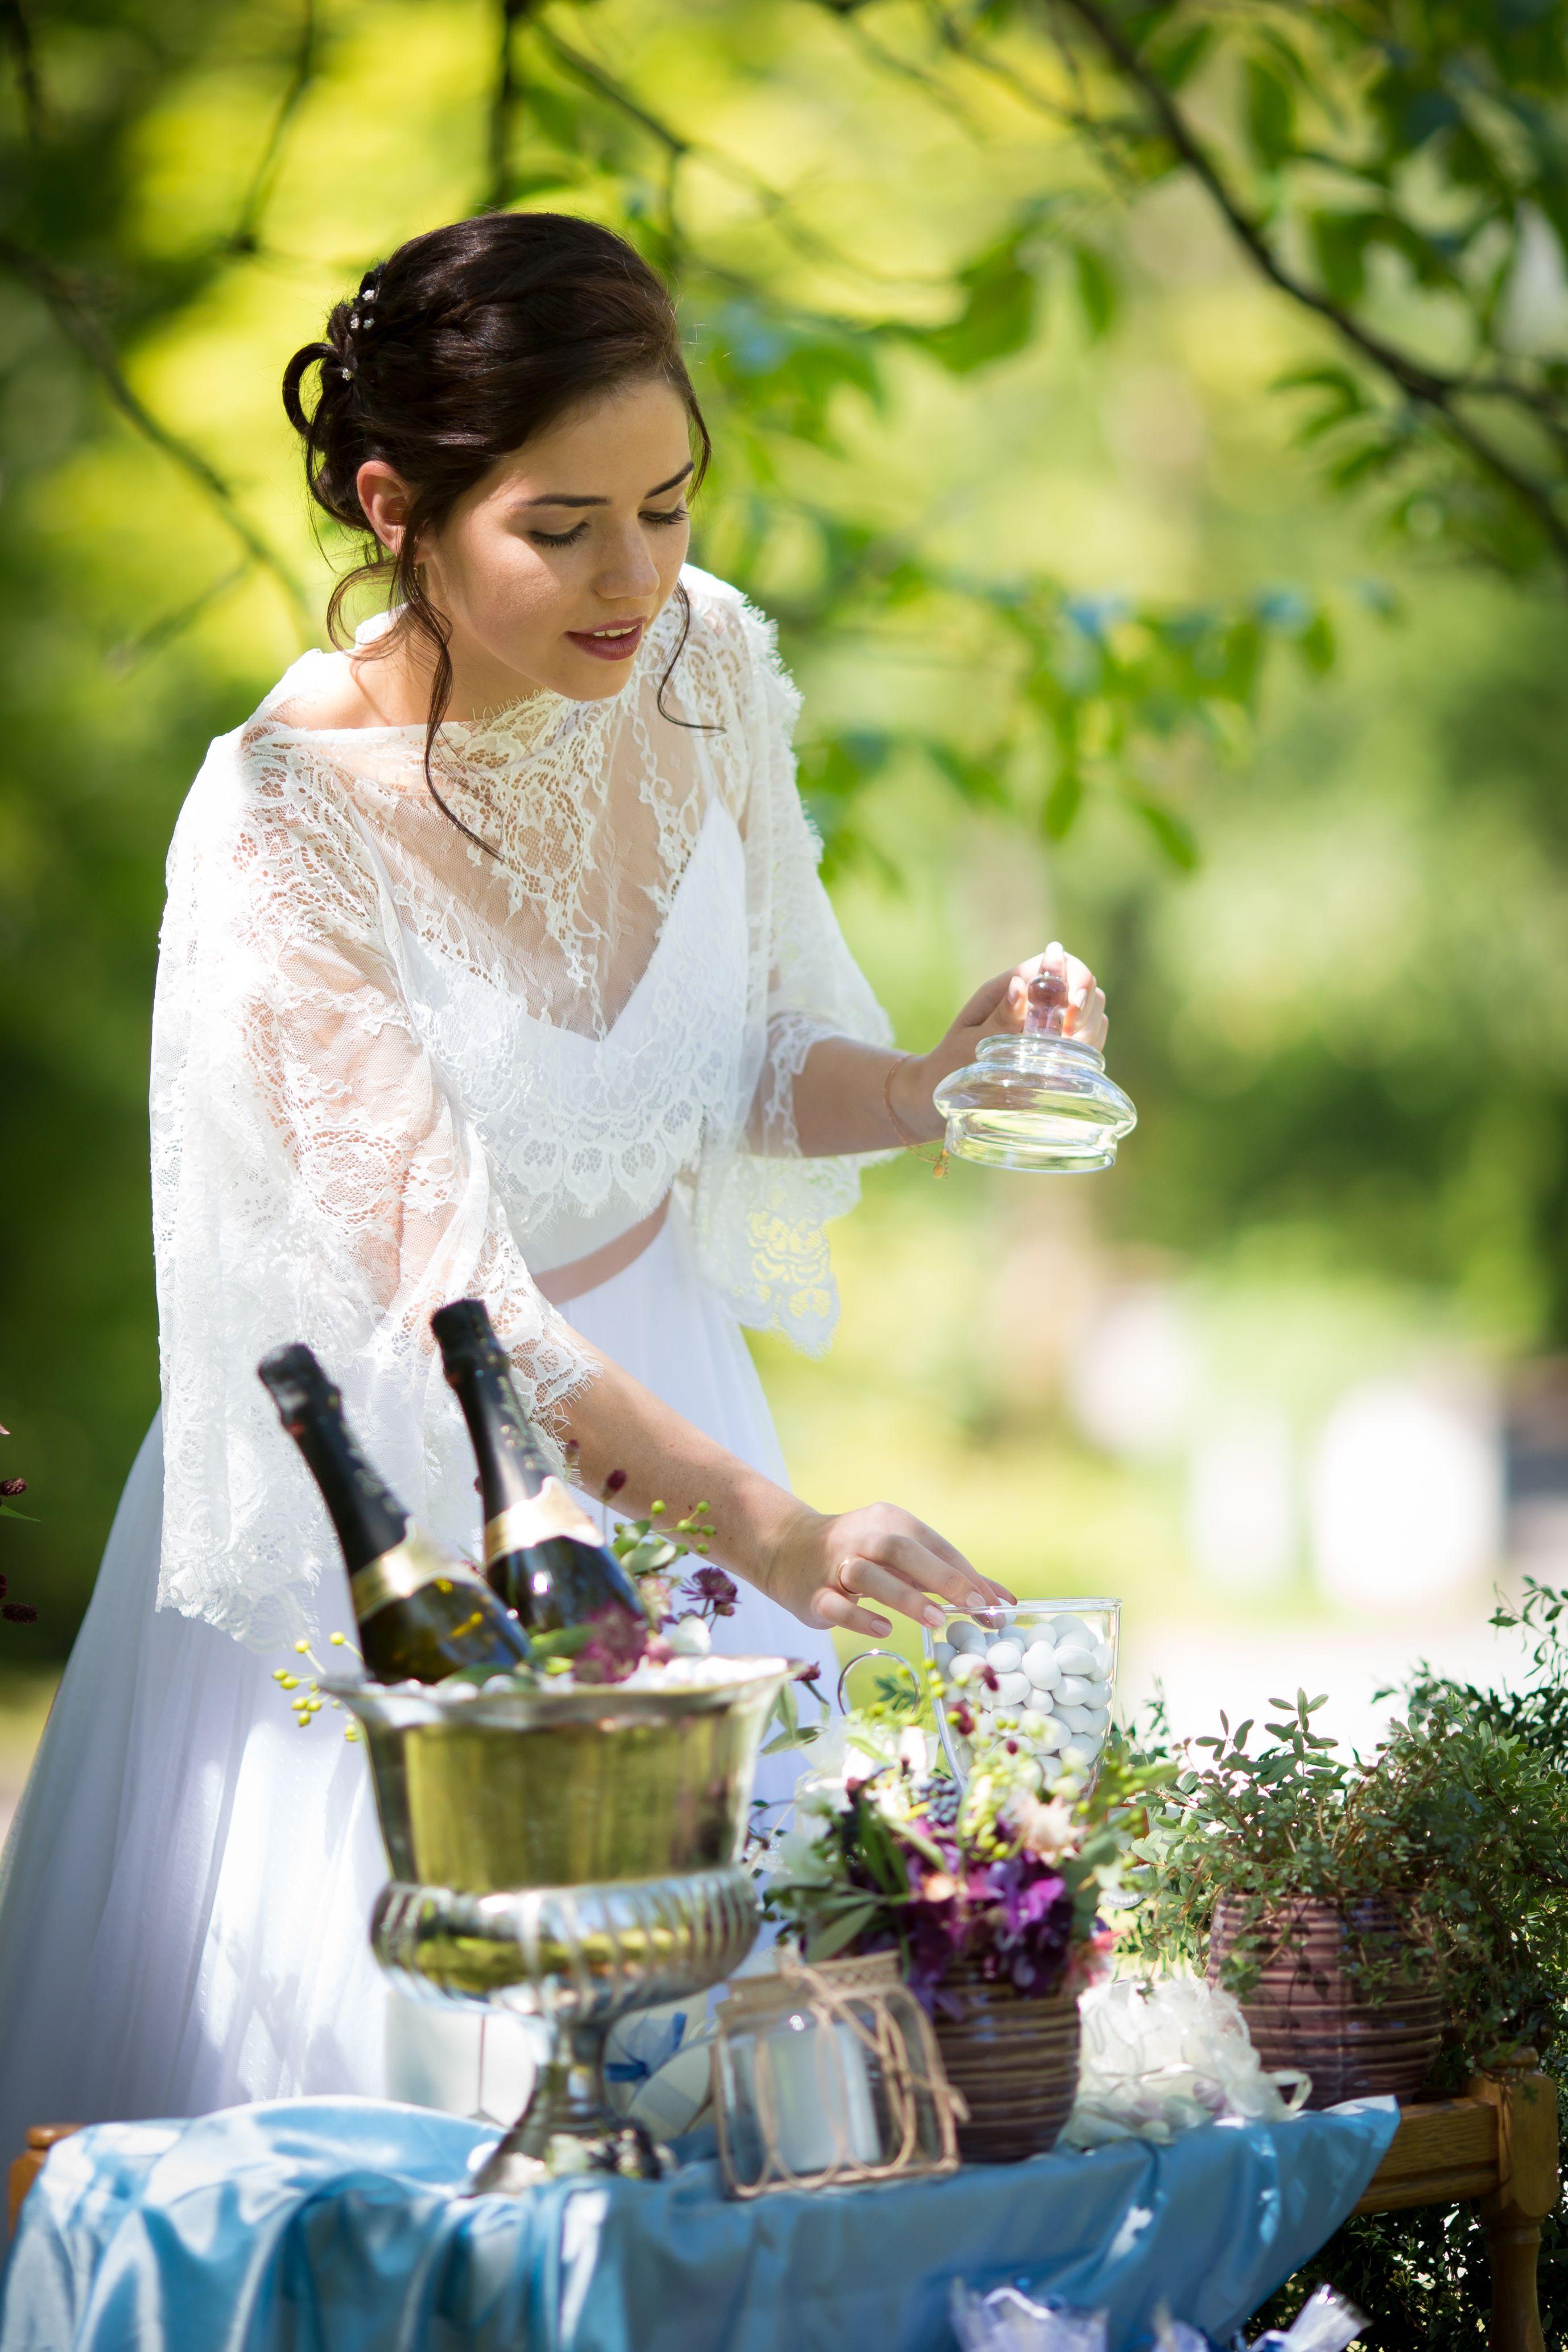 Styled Shoot Herbsthochzeit In Den Bergen Herbsthochzeit Hochzeit Braut